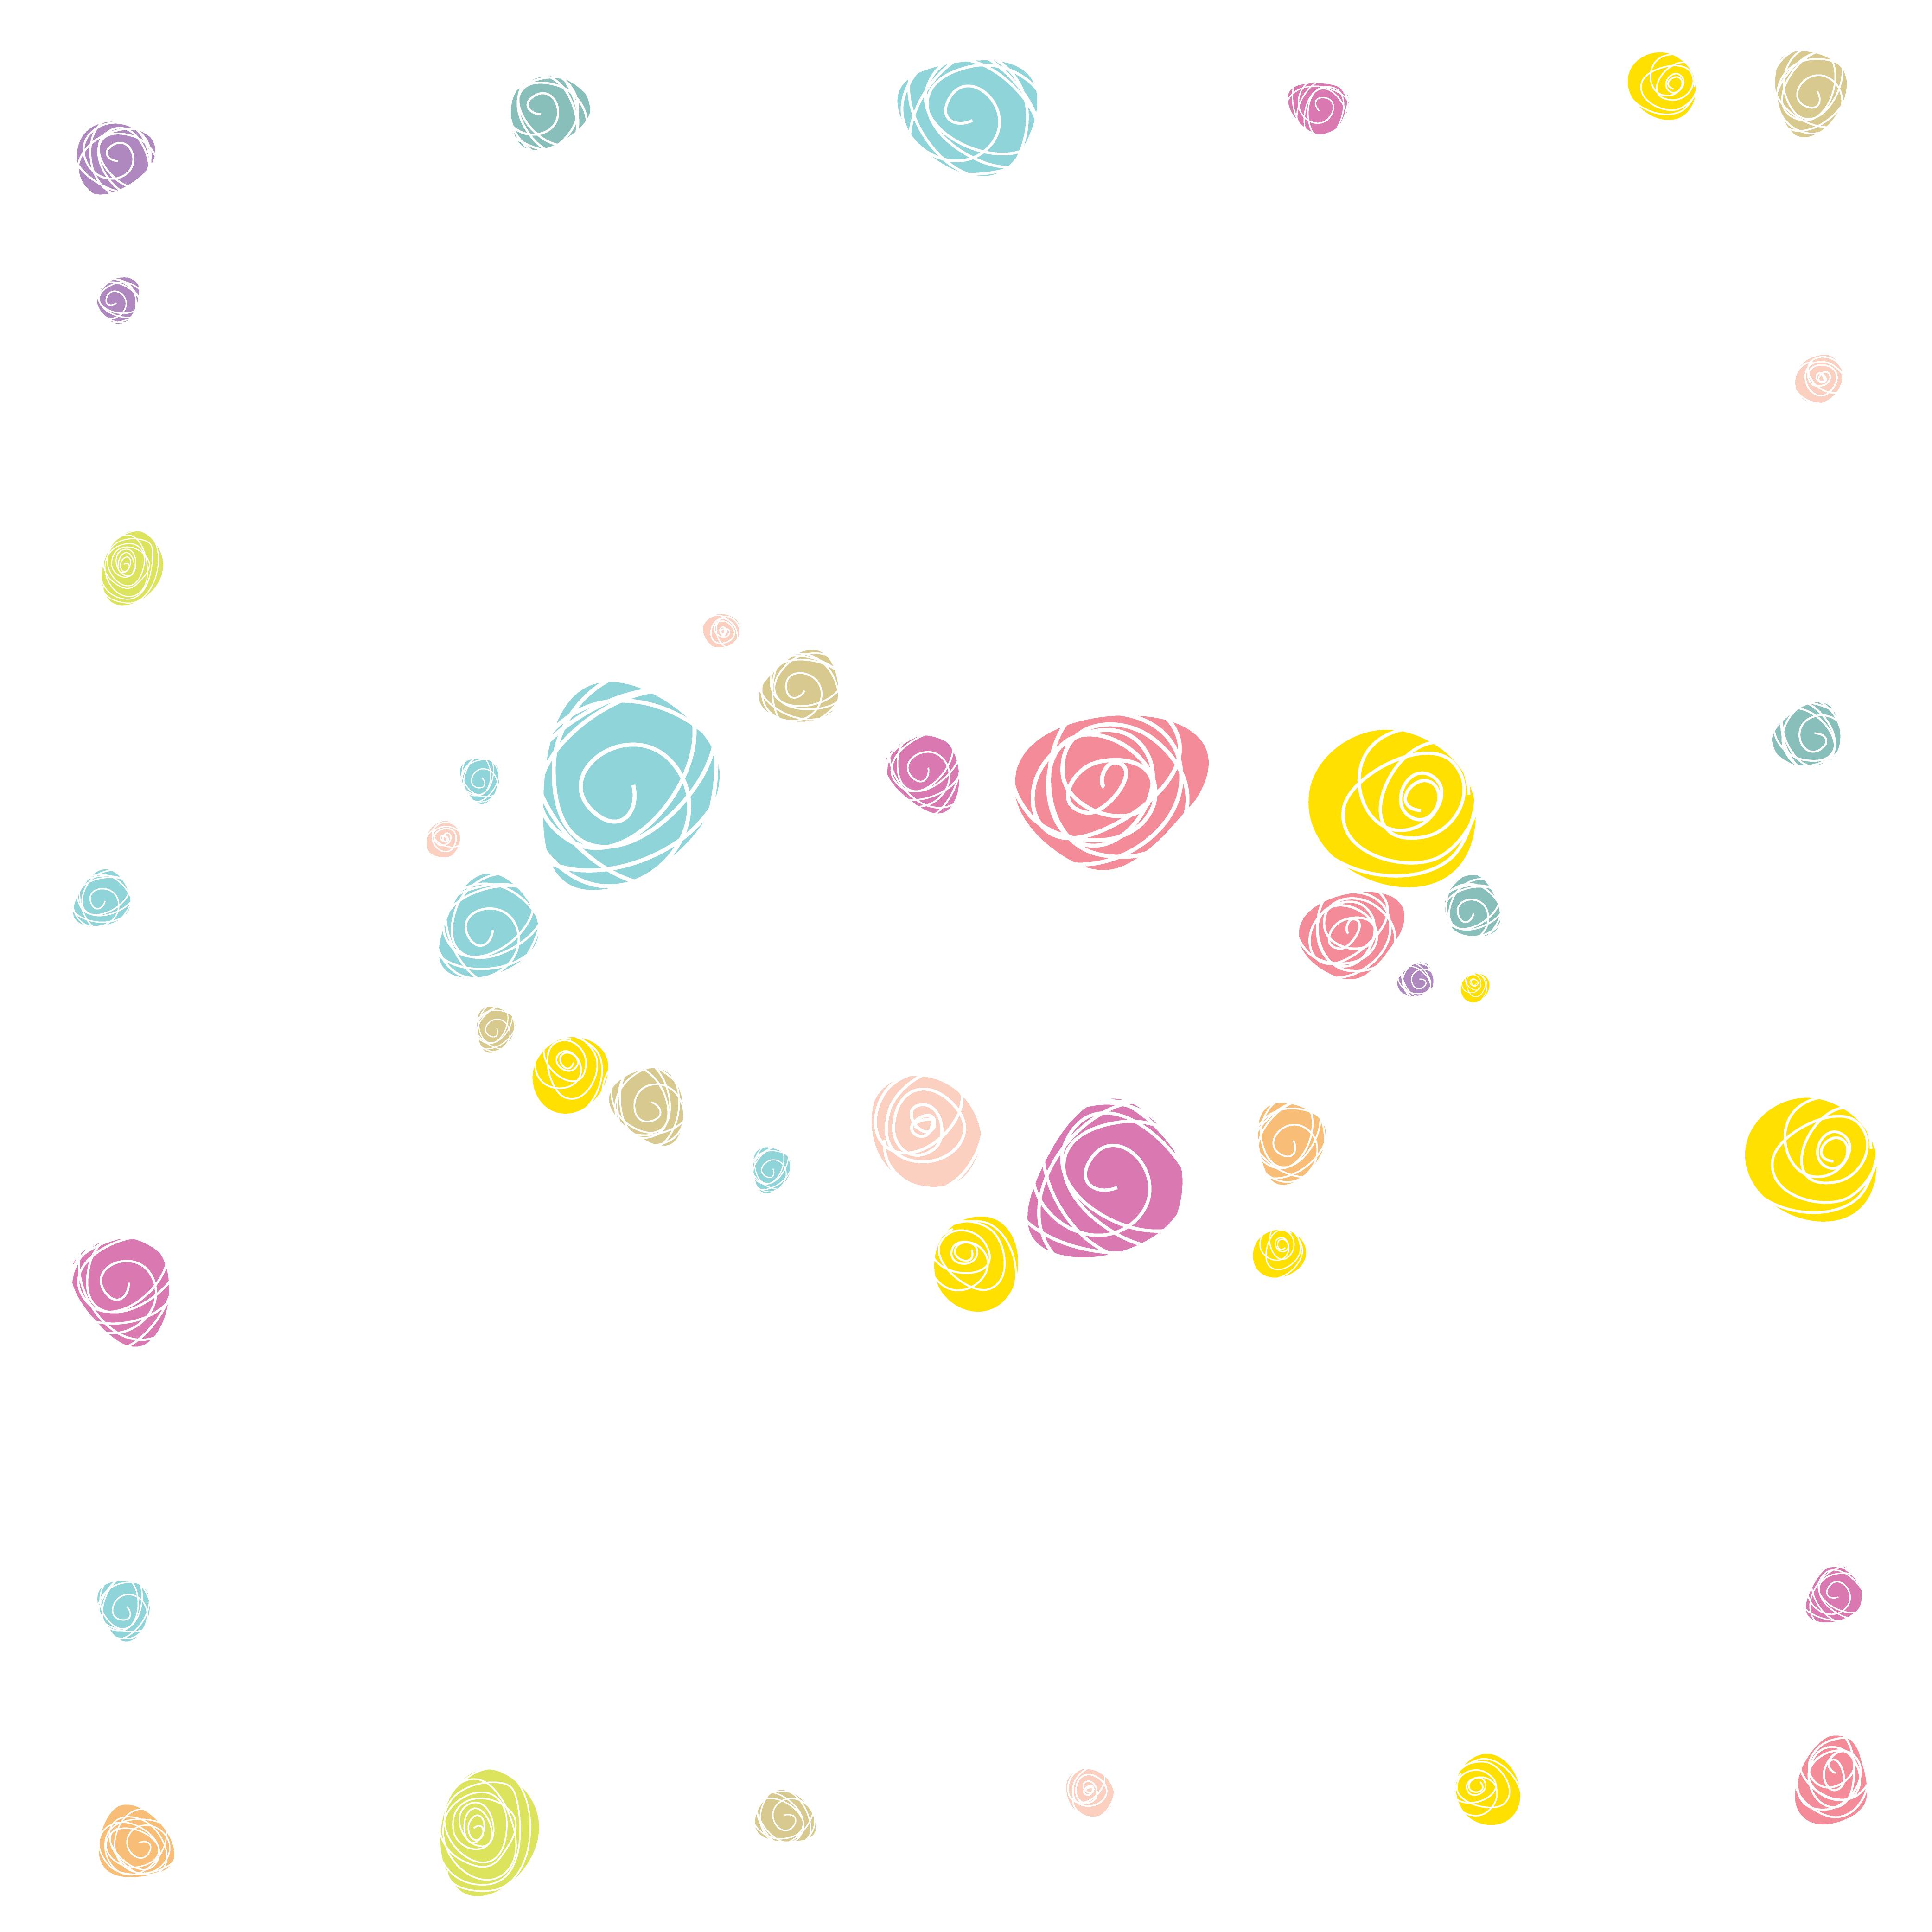 人気の壁紙 イラスト 背景 シンプル 背景 シンプル 年賀状 ネタ